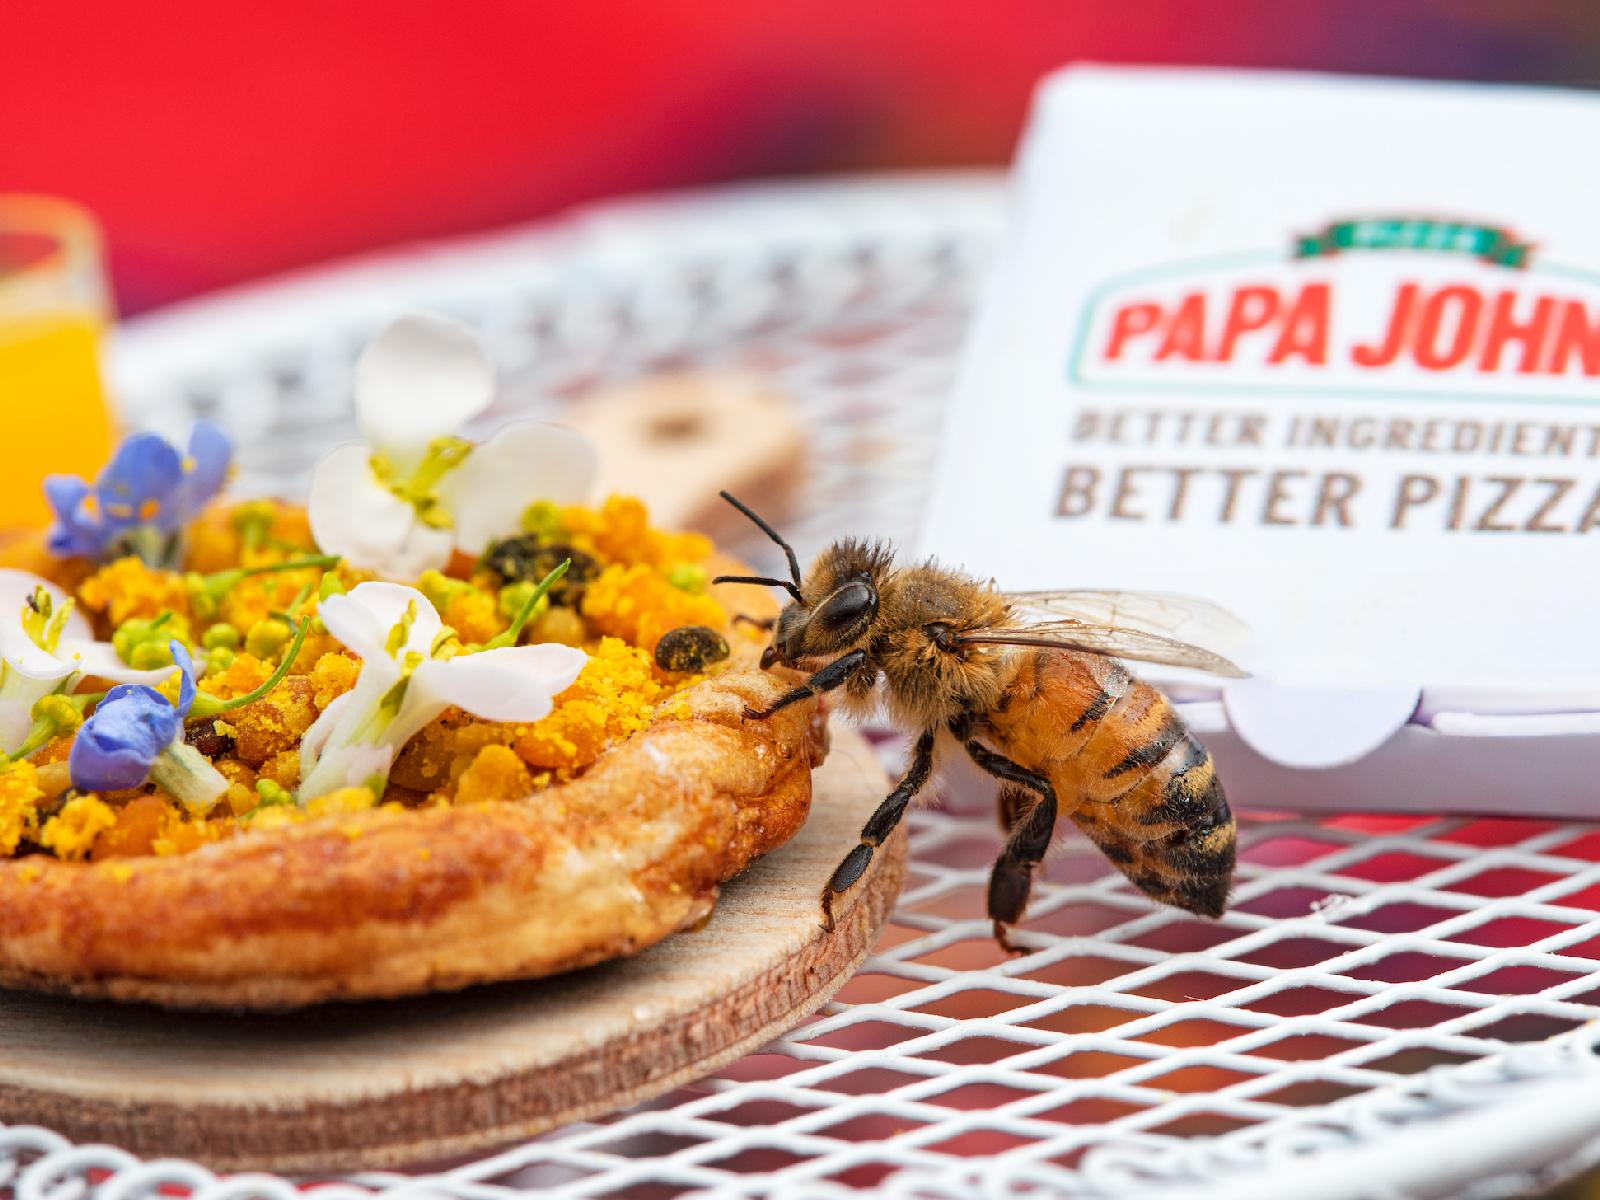 Papa John's Created a Tiny Pizza for Bees